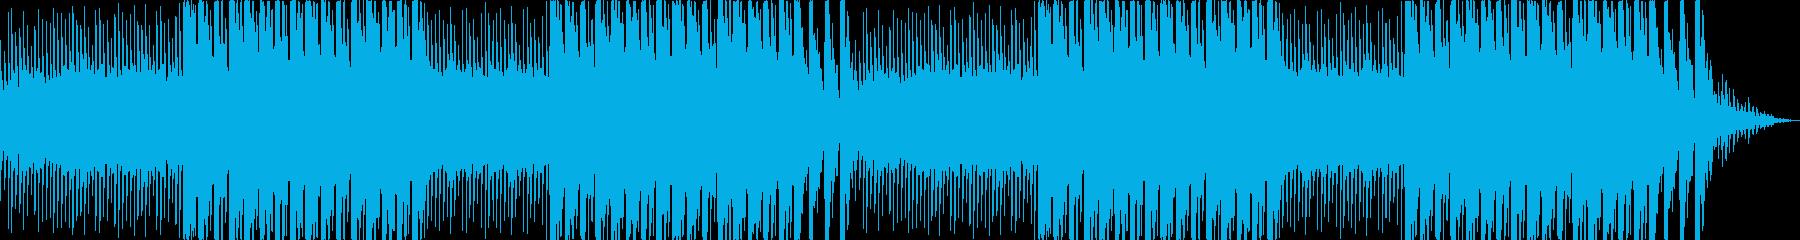 オーケストラ楽器ファンタジー風の遊...の再生済みの波形